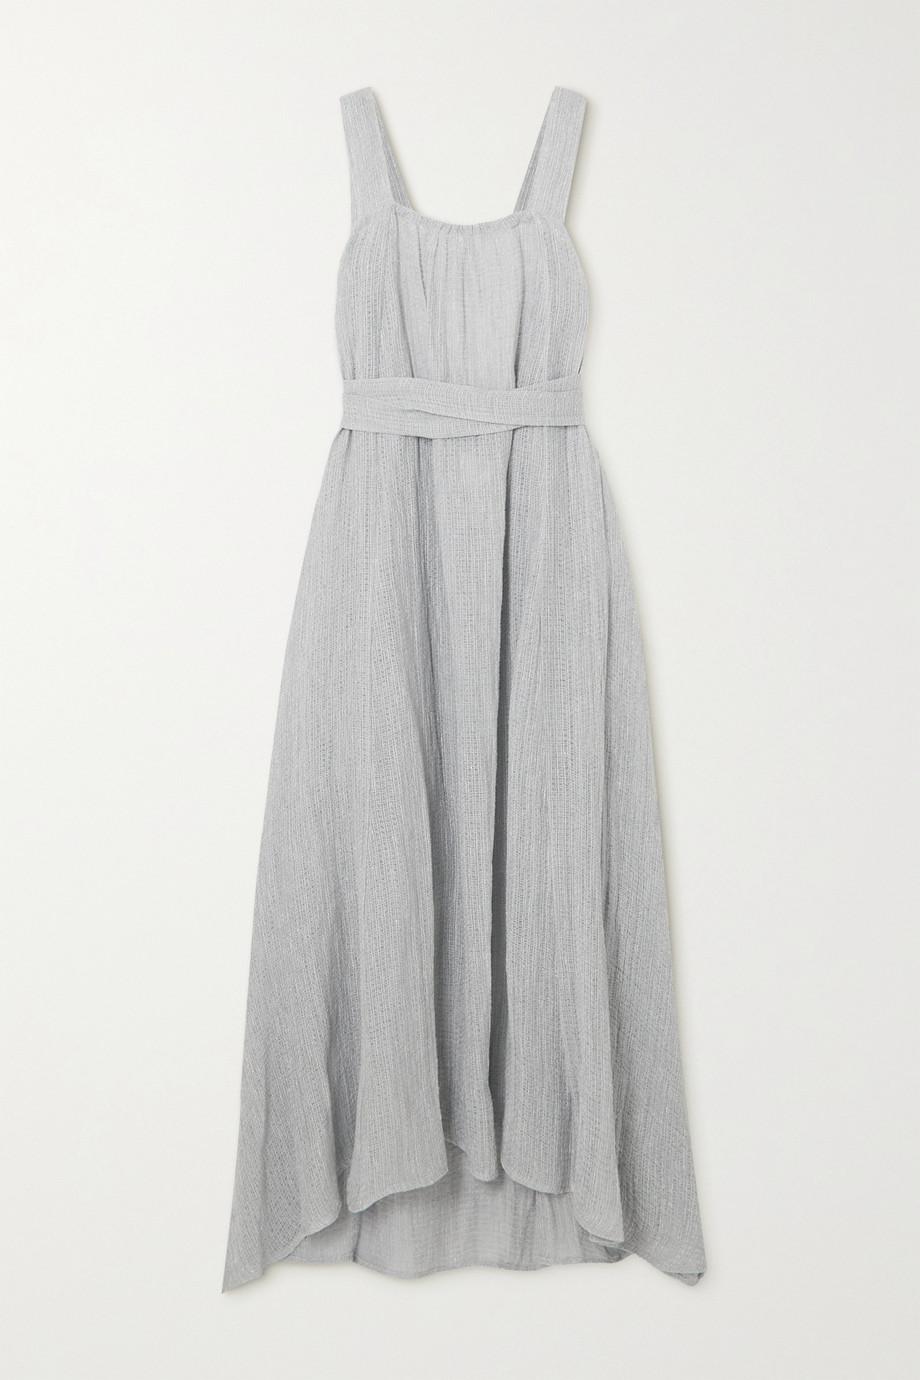 Le Kasha Robe dos ouvert en lin biologique à ceinture Assiout - NET SUSTAIN